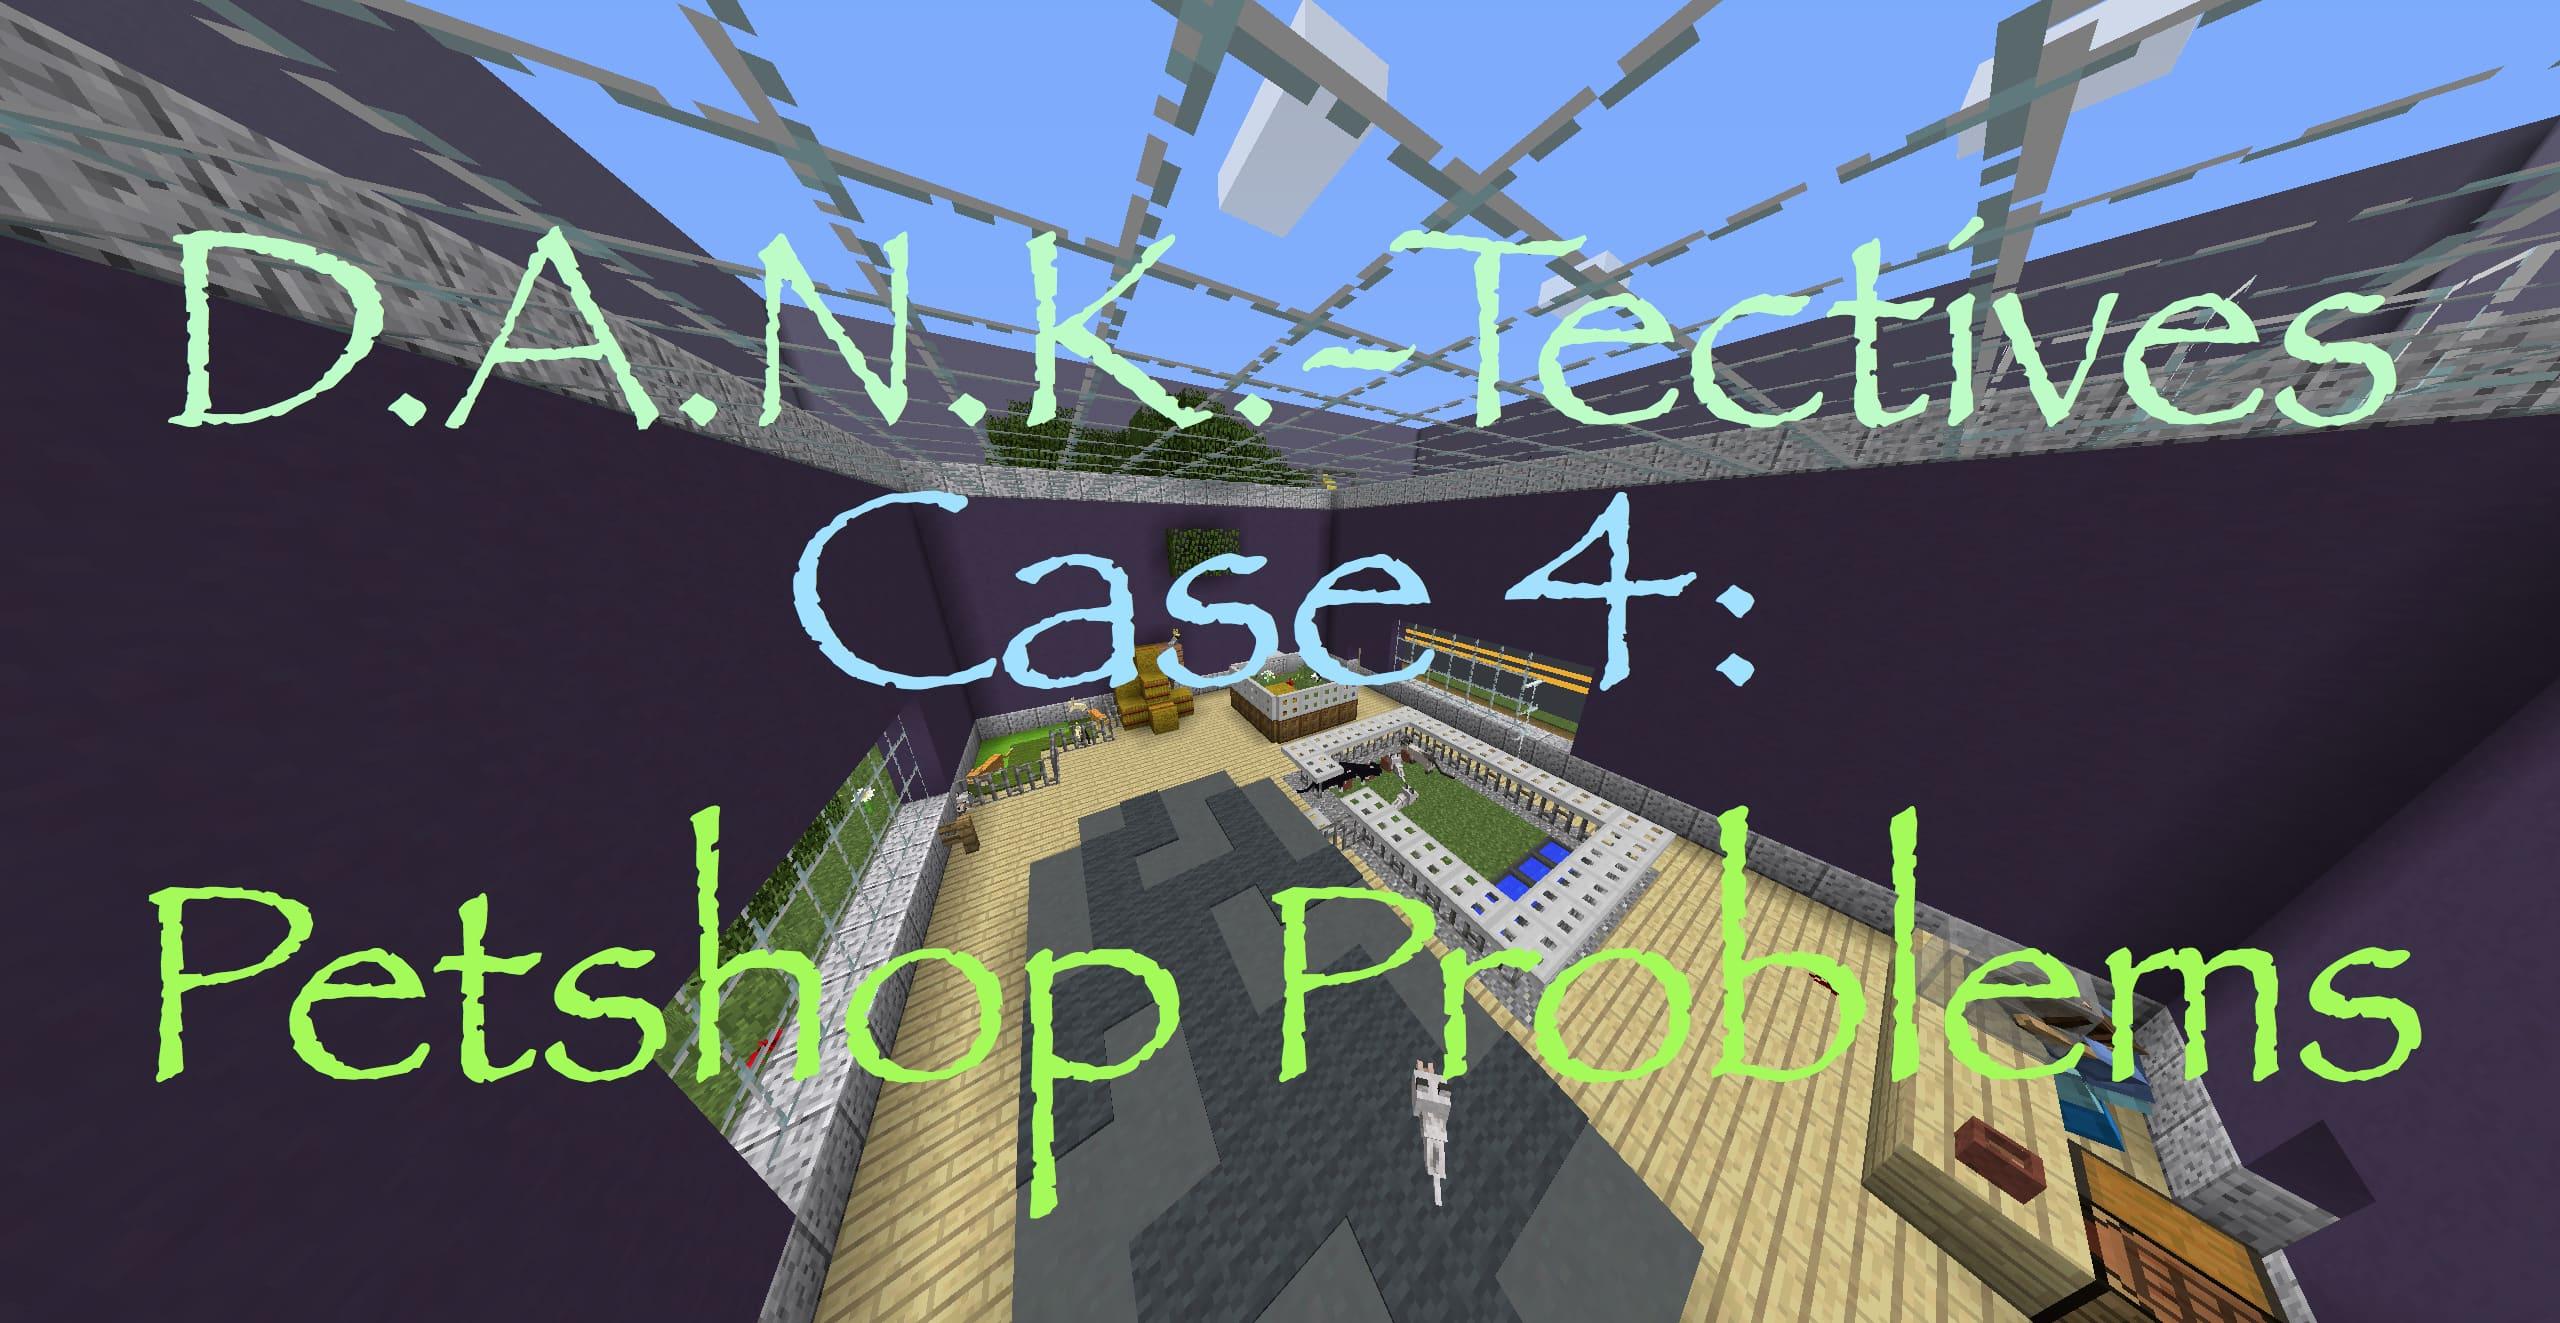 DANK-Tectives Case 4: Petshop Problems Map Thumbnail